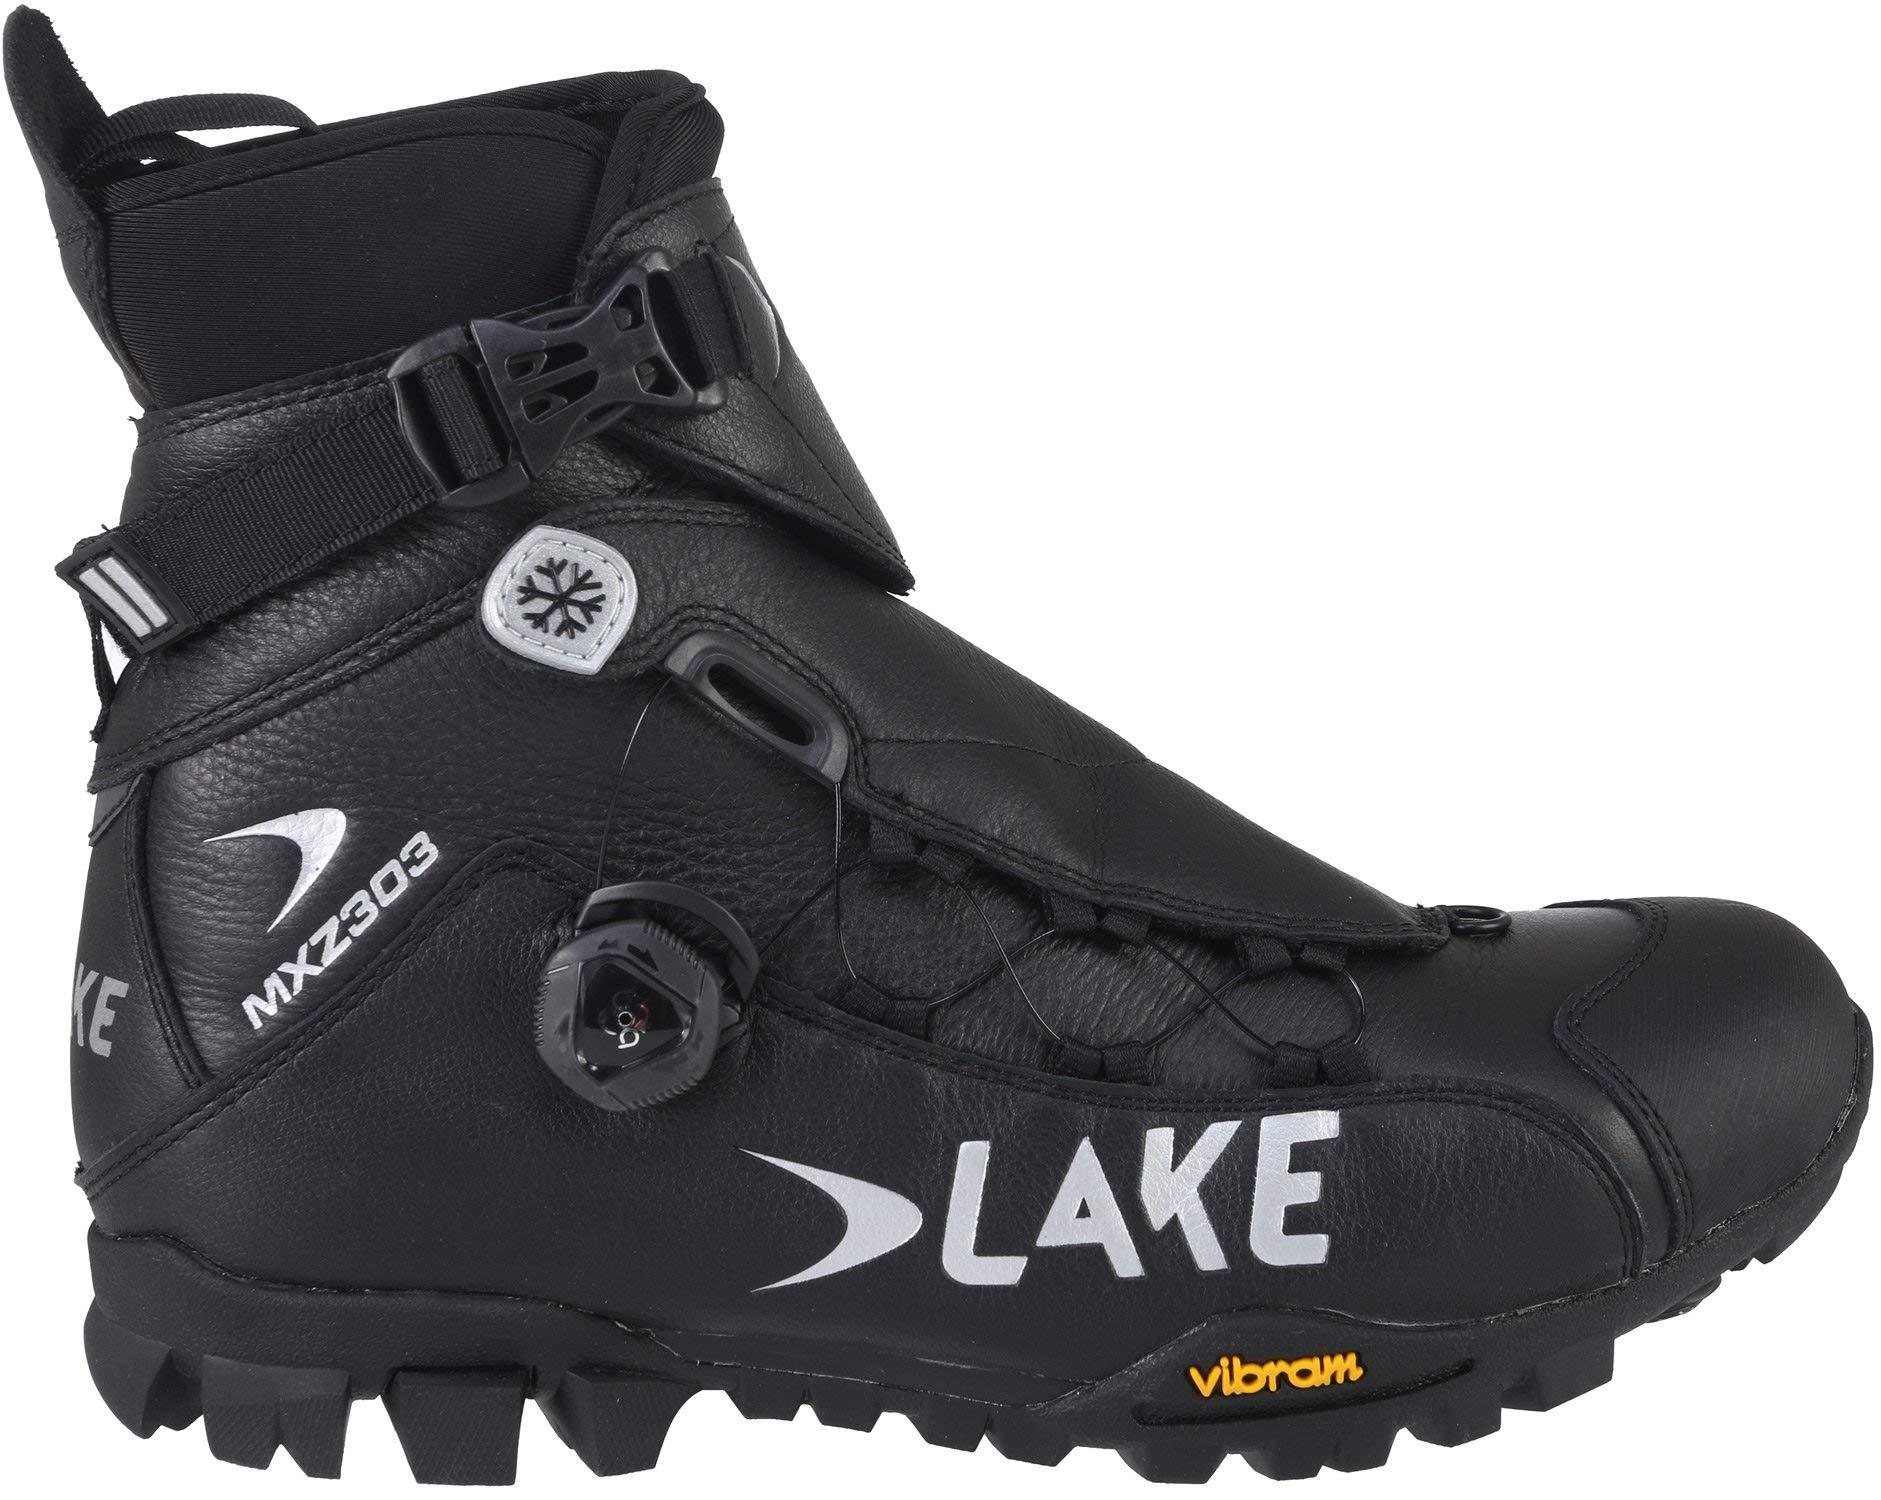 Lake MXZ 303 Winter Boot - Men's Black, 47.0 by Lake